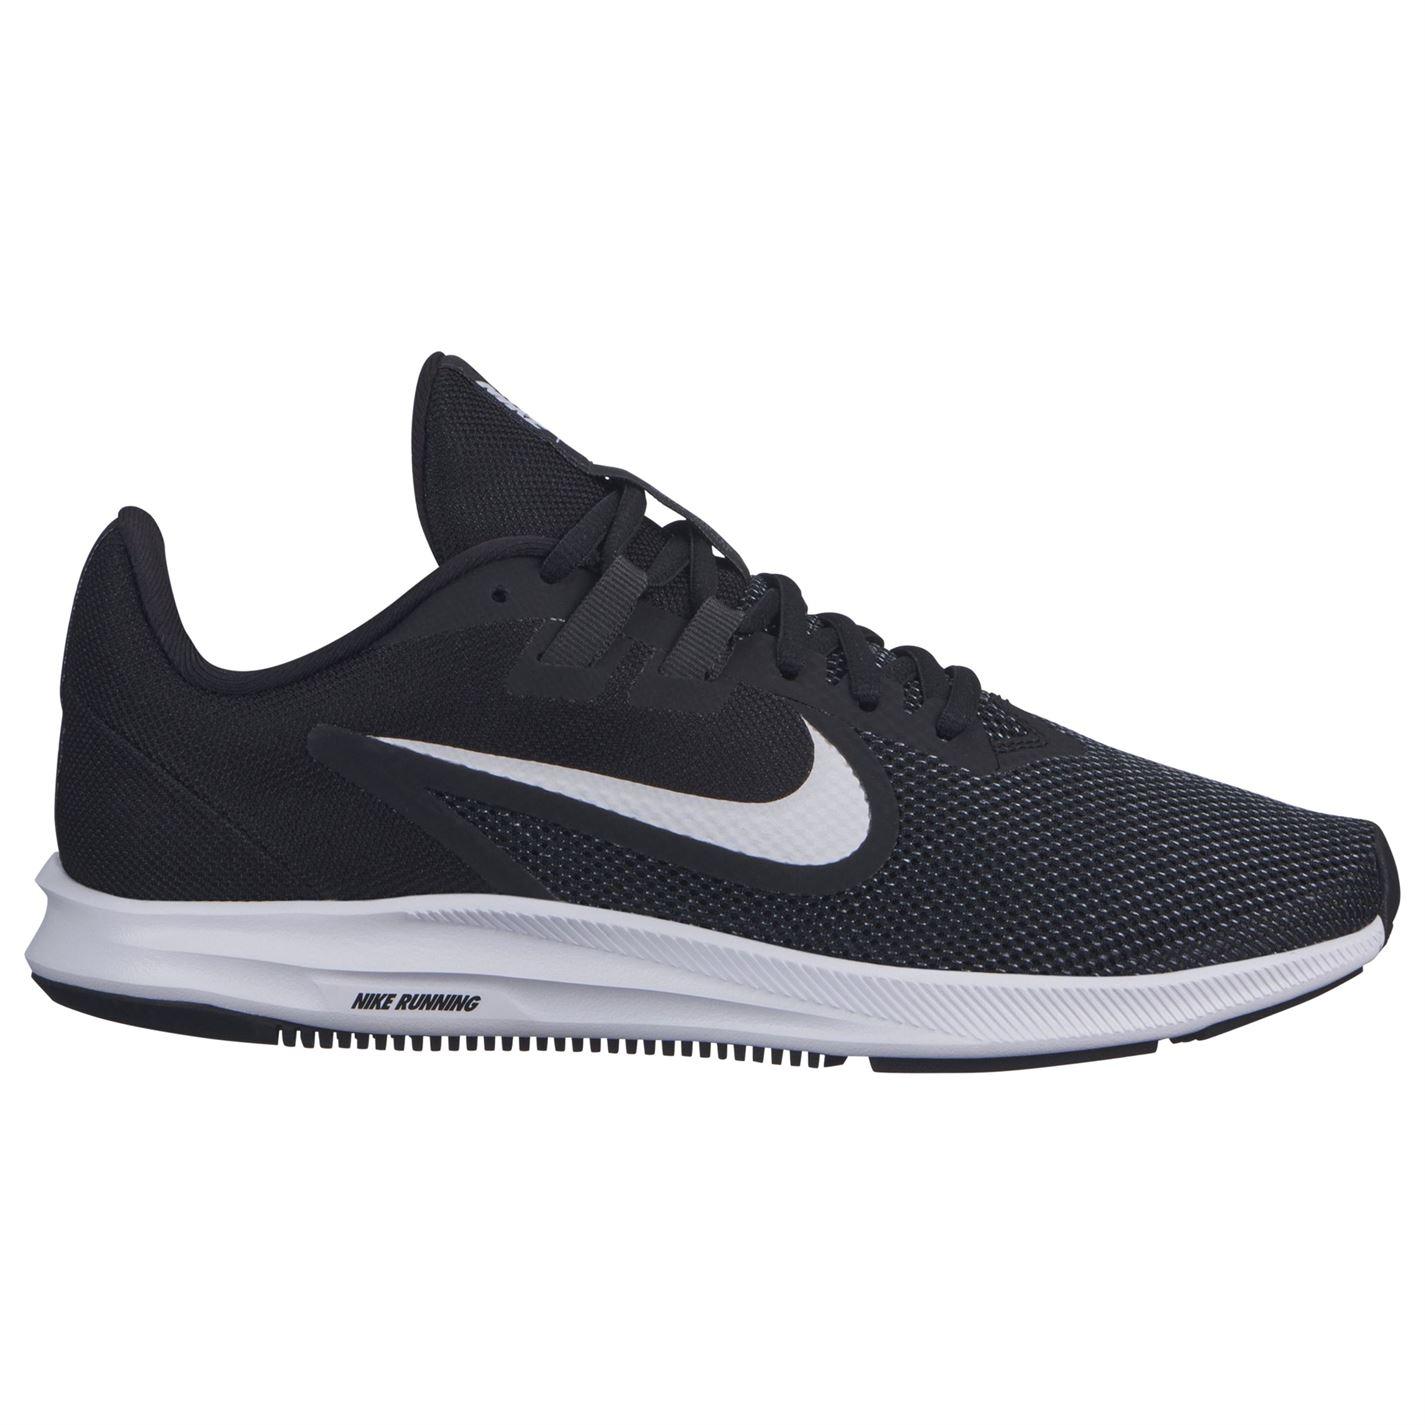 boty Nike Downshifter 9 dámské